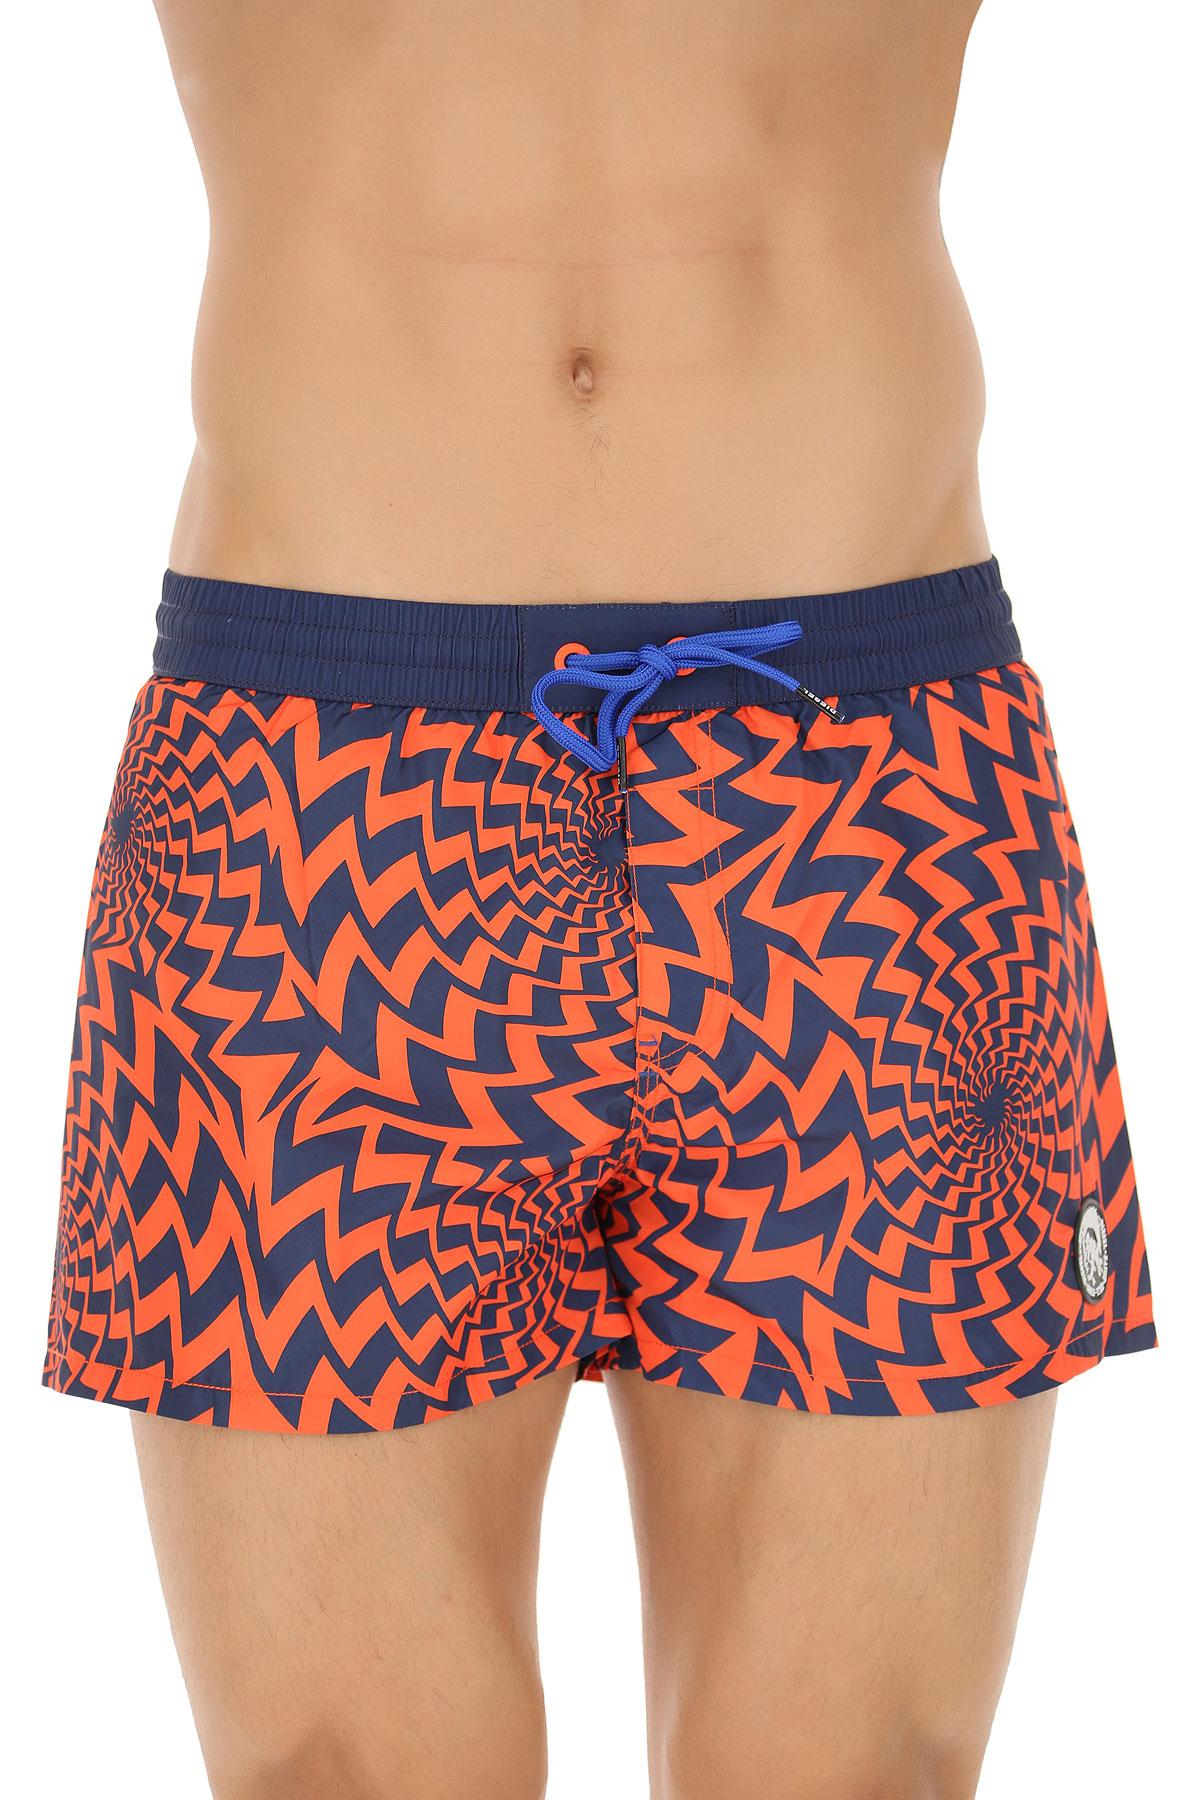 Image of Diesel Swim Shorts Trunks for Men, Blue, polyester, 2017, S L XL